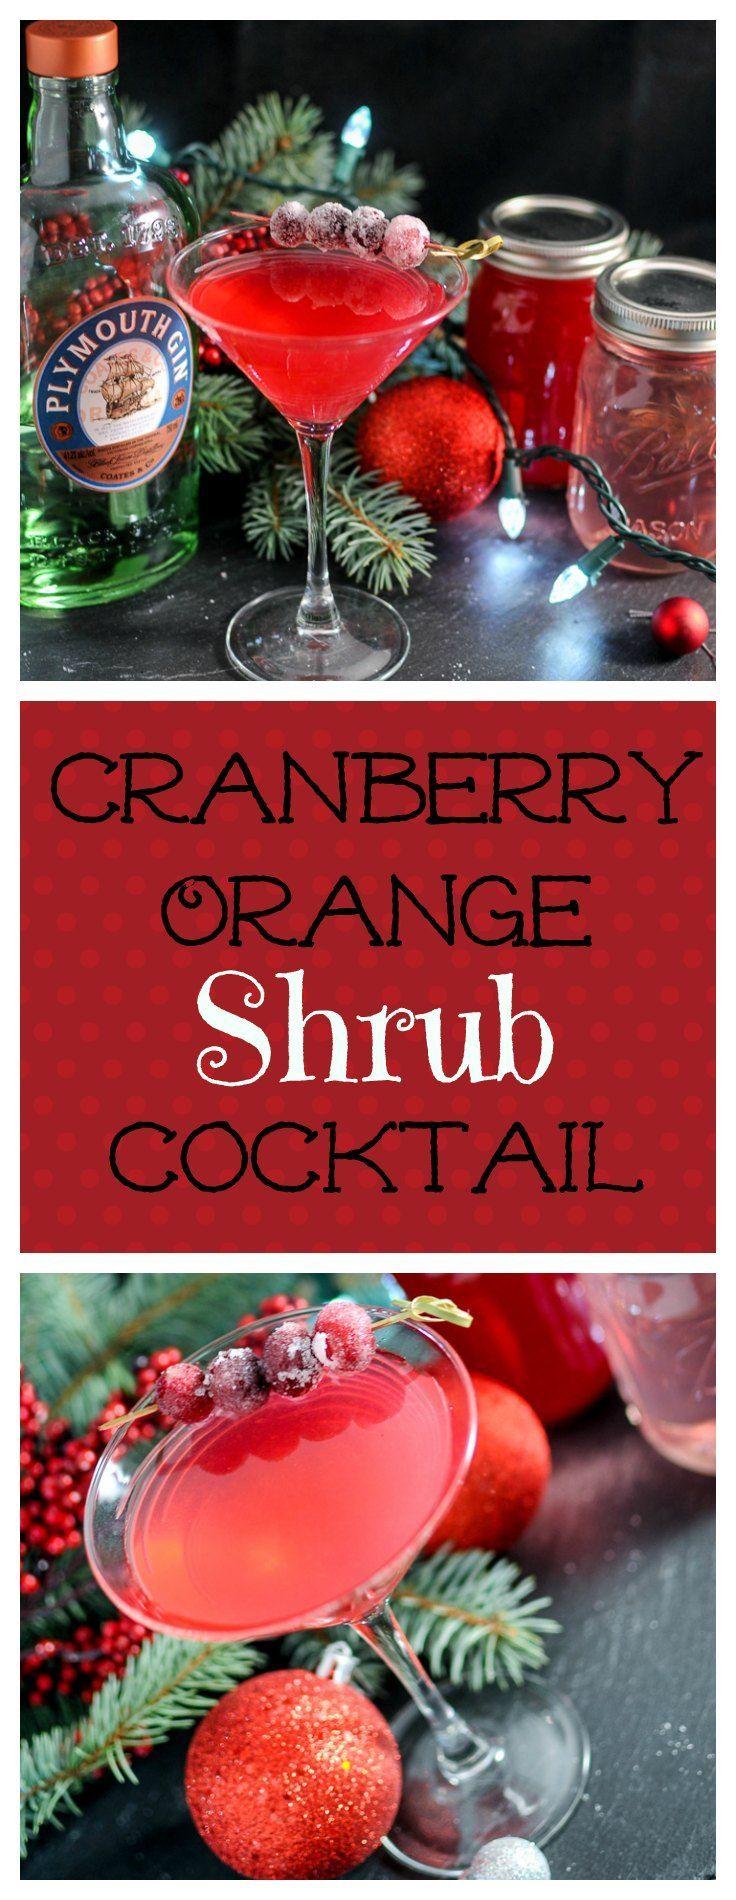 Cranberry Orange Shrub cocktail recipe